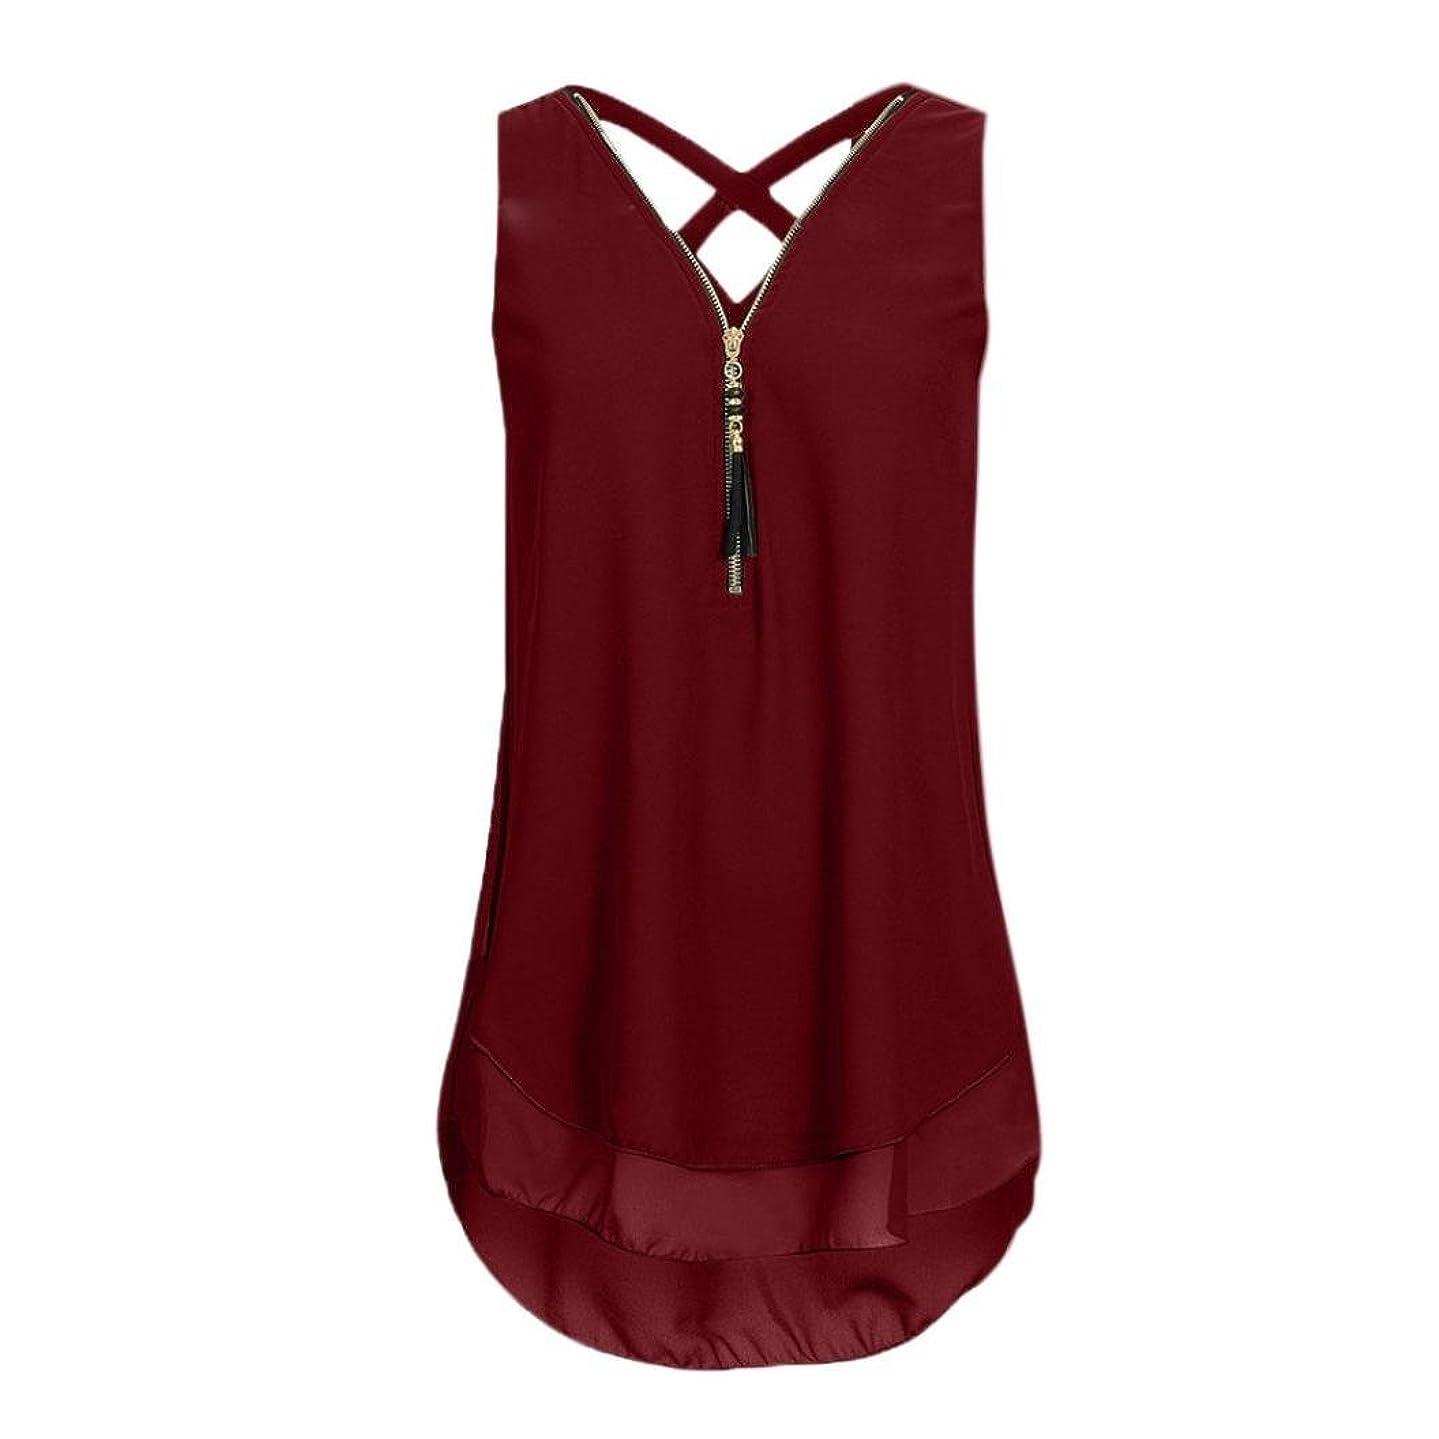 CUCUHAM Women Loose Sleeveless Cross Back Hem Layed Zipper V-Neck T Shirts Tops